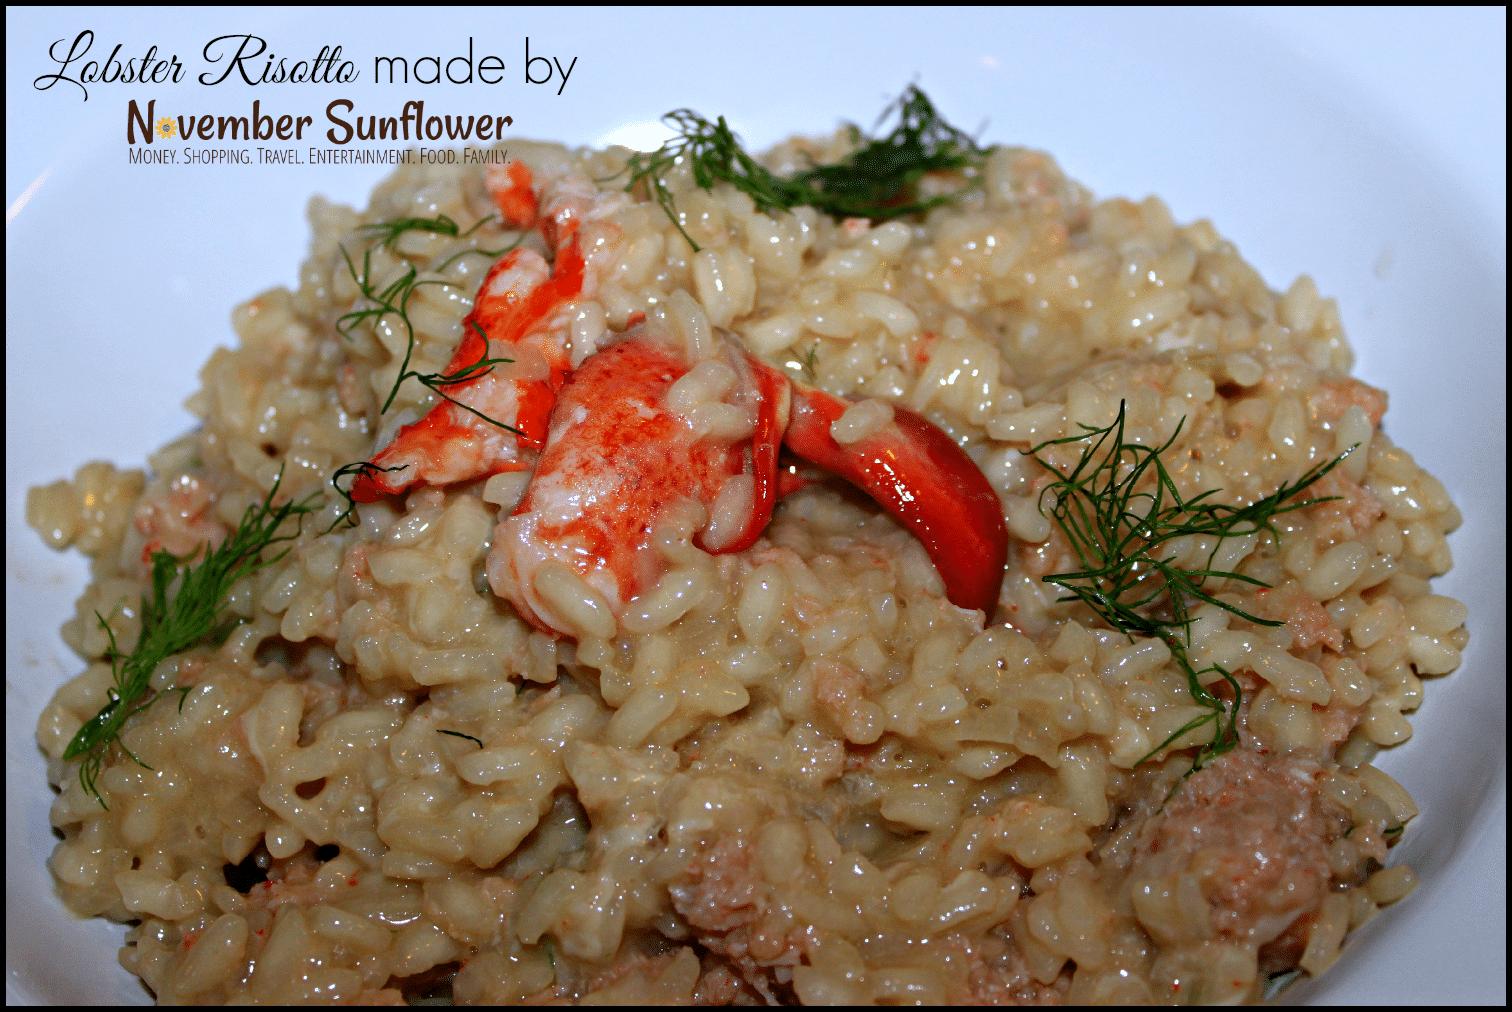 peach dish lobster risotto #peachdish #cookingmadeeasy